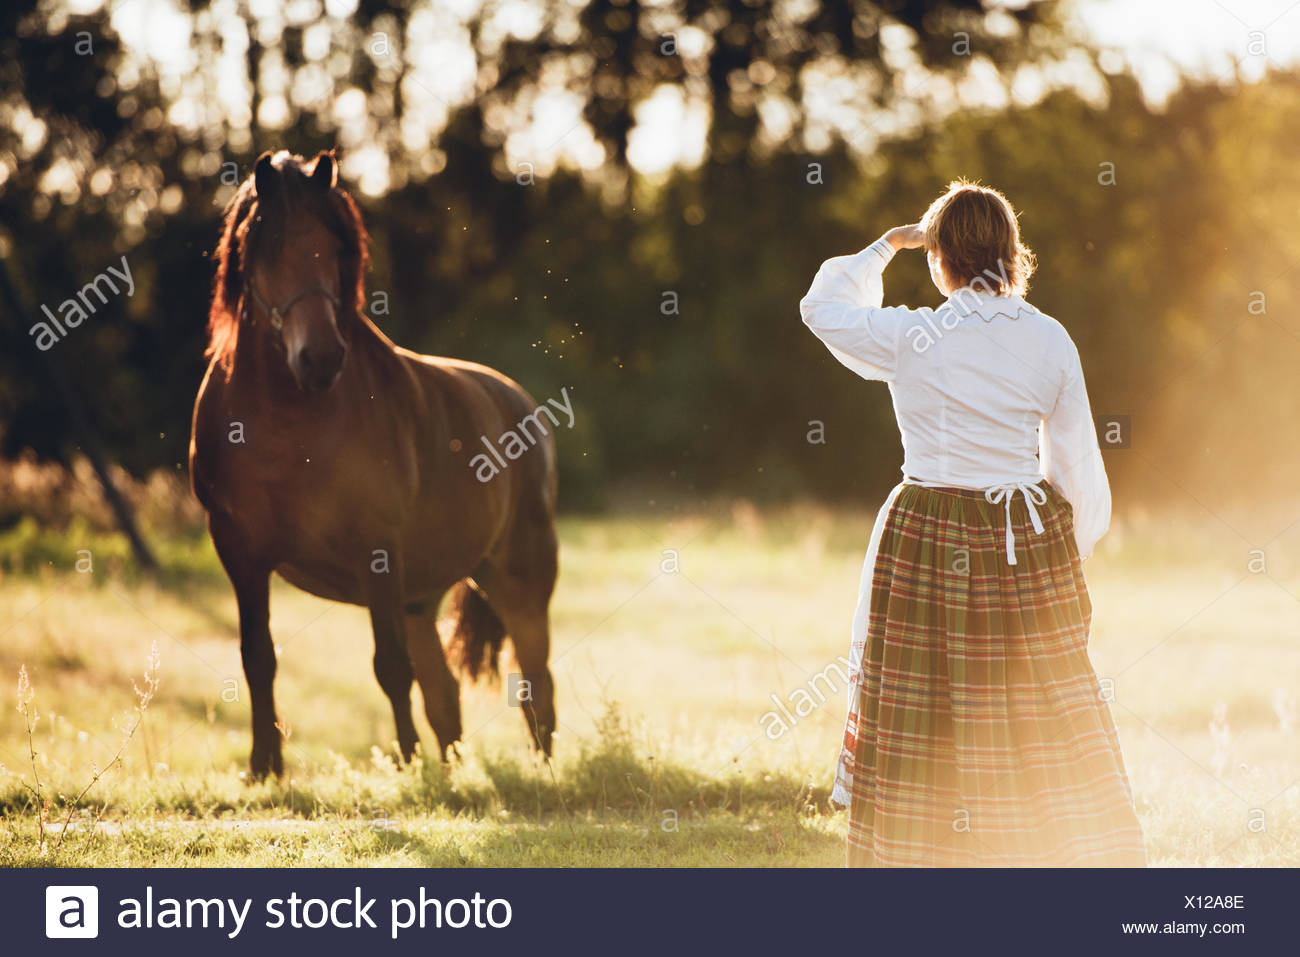 Vista trasera de la mujer y el caballo parado en campo Imagen De Stock